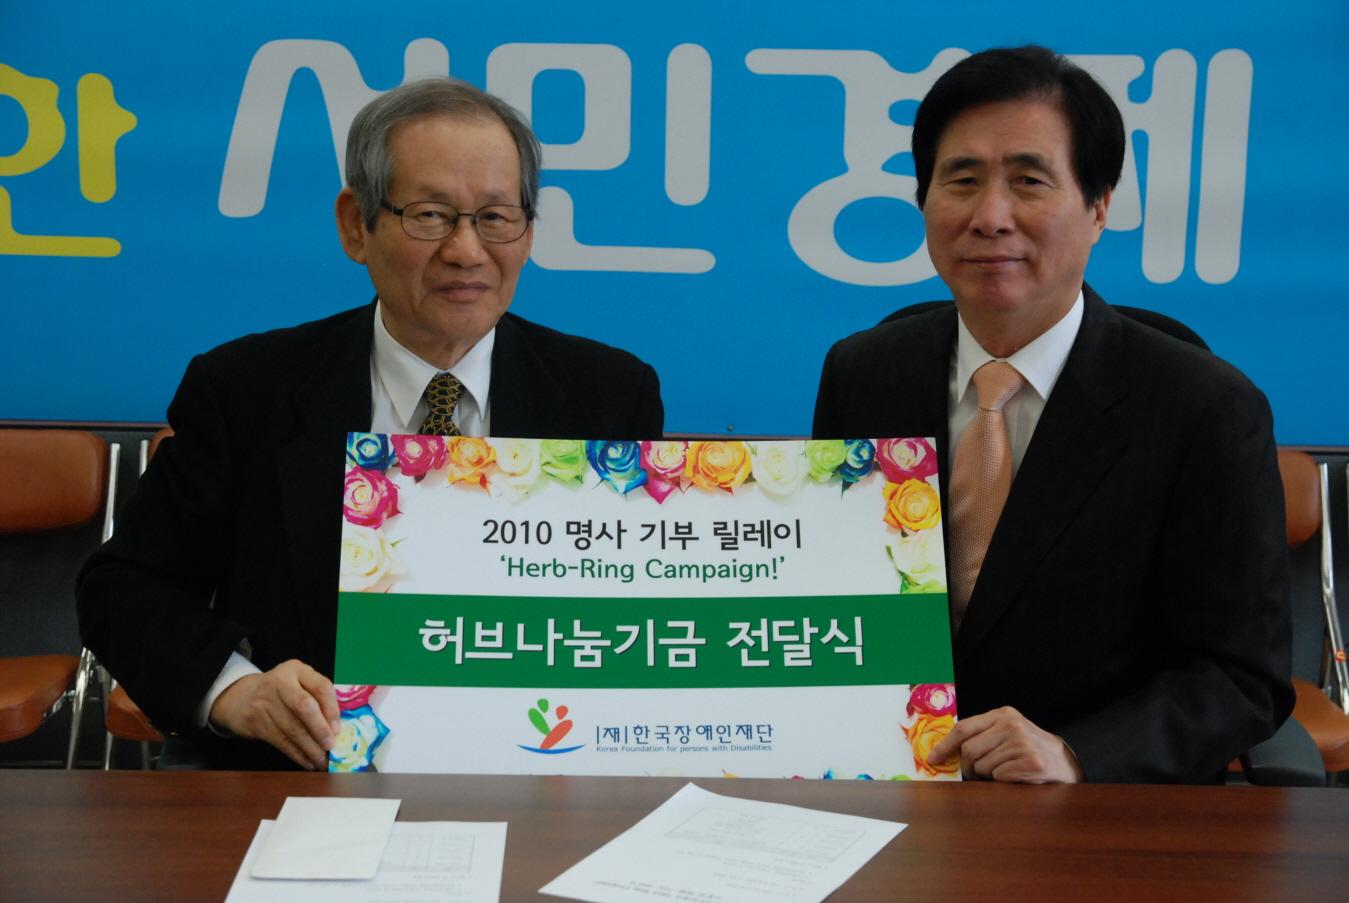 [나눔story] 한국장애인재단의 명사기부릴레이의 네 번째 릴레이 주자가 탄생하였습니다.   의 관련 사진